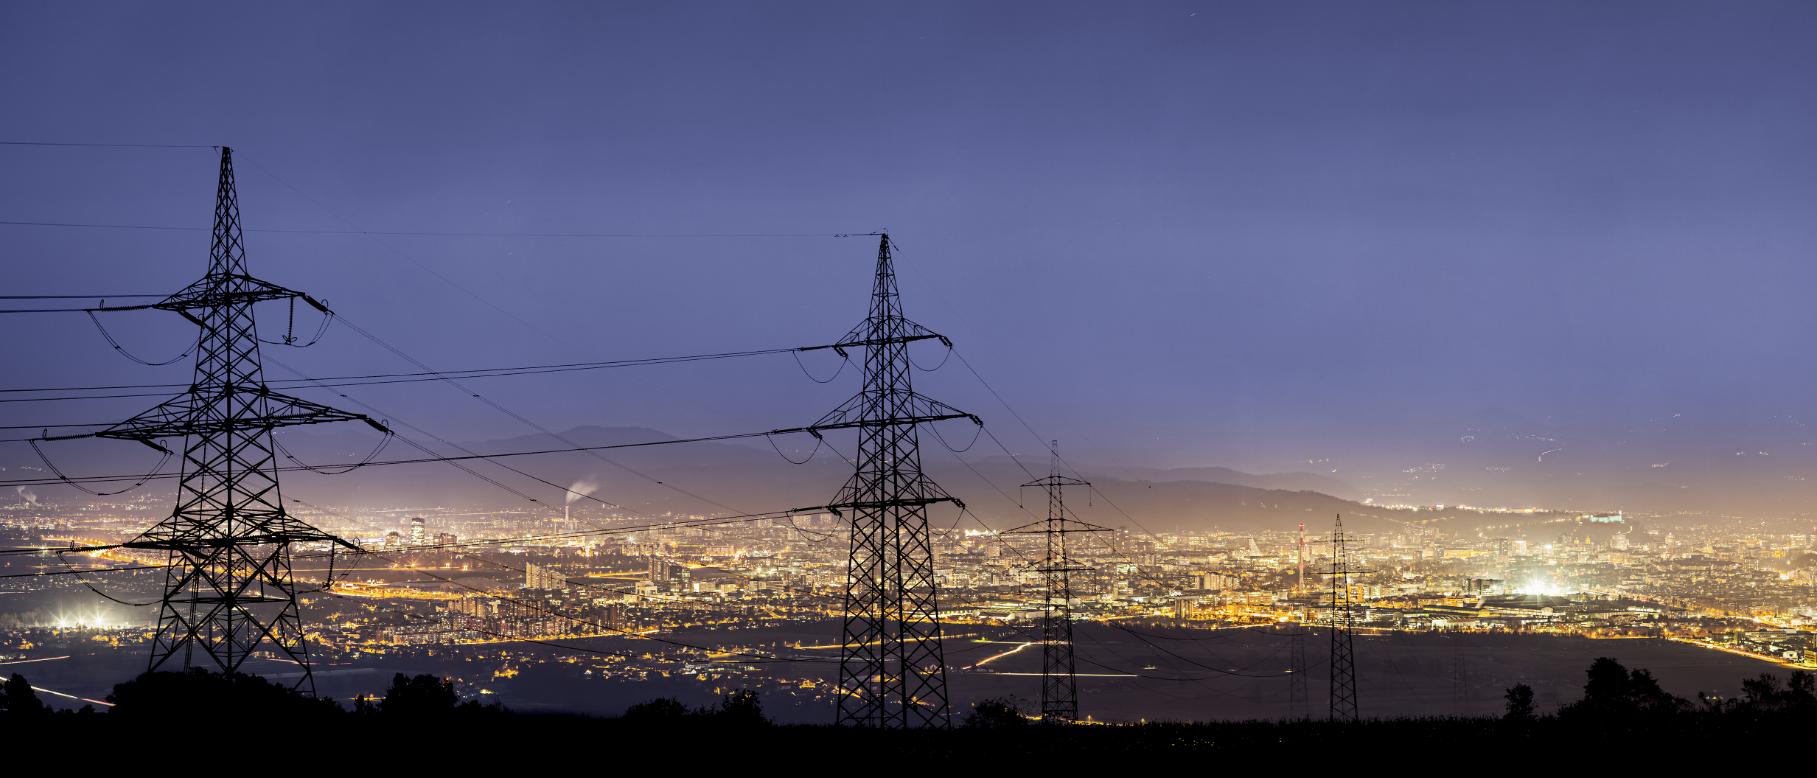 Electricity Deals